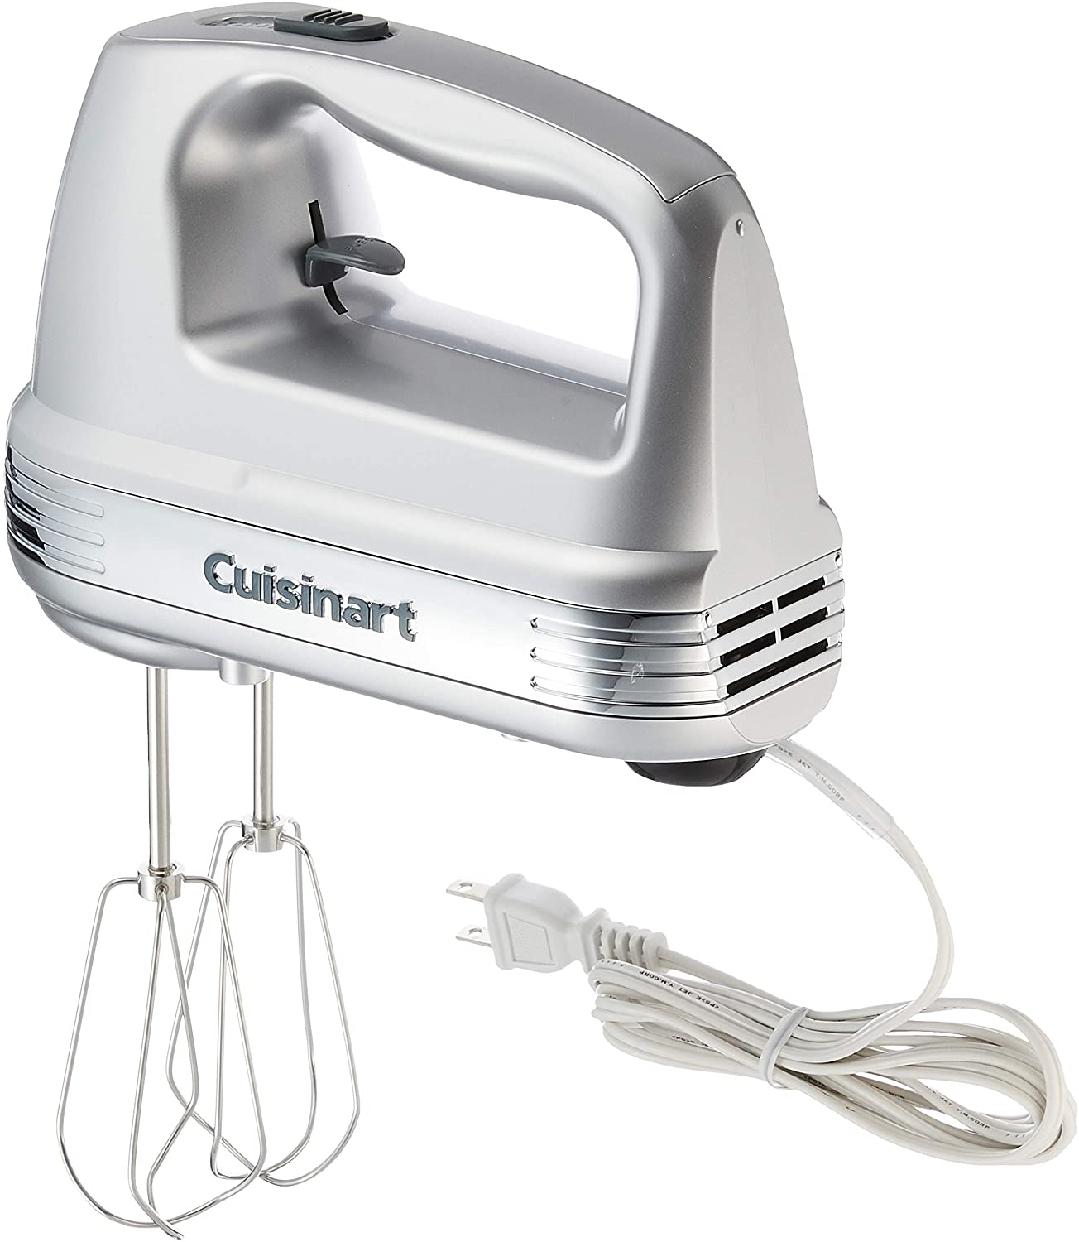 Cuisinart(クイジナート) スマートパワーハンドミキサー プラス HM-060SJの商品画像2